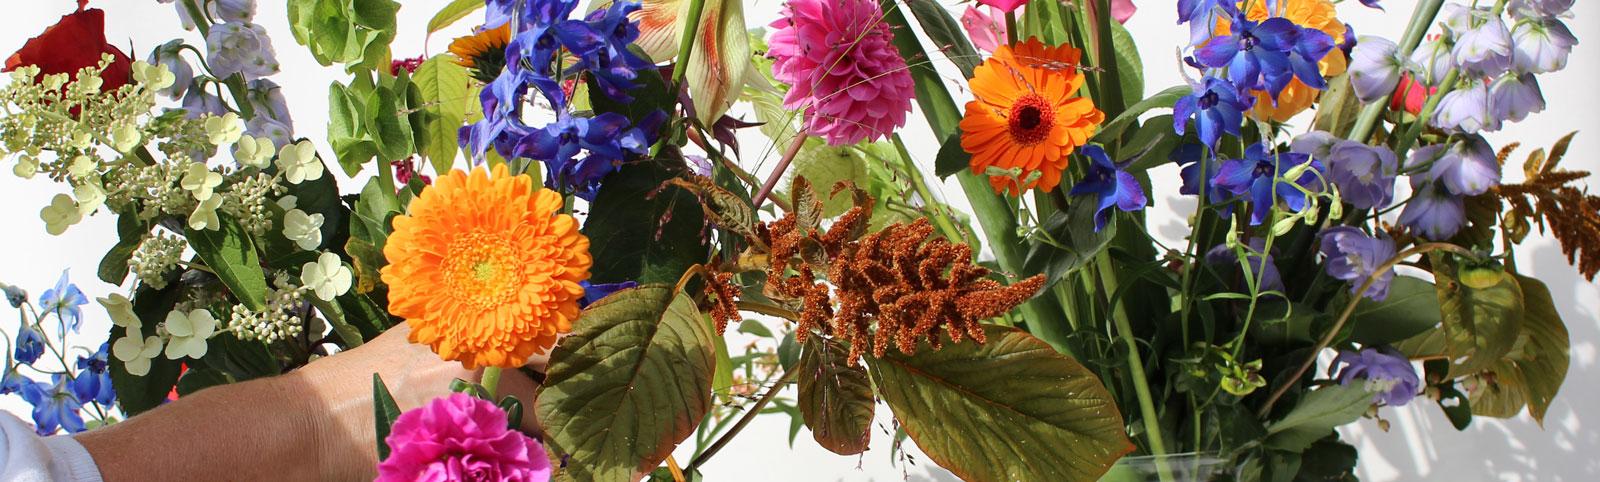 Een bloemenabonnement bij MJ Bloem in Leusden